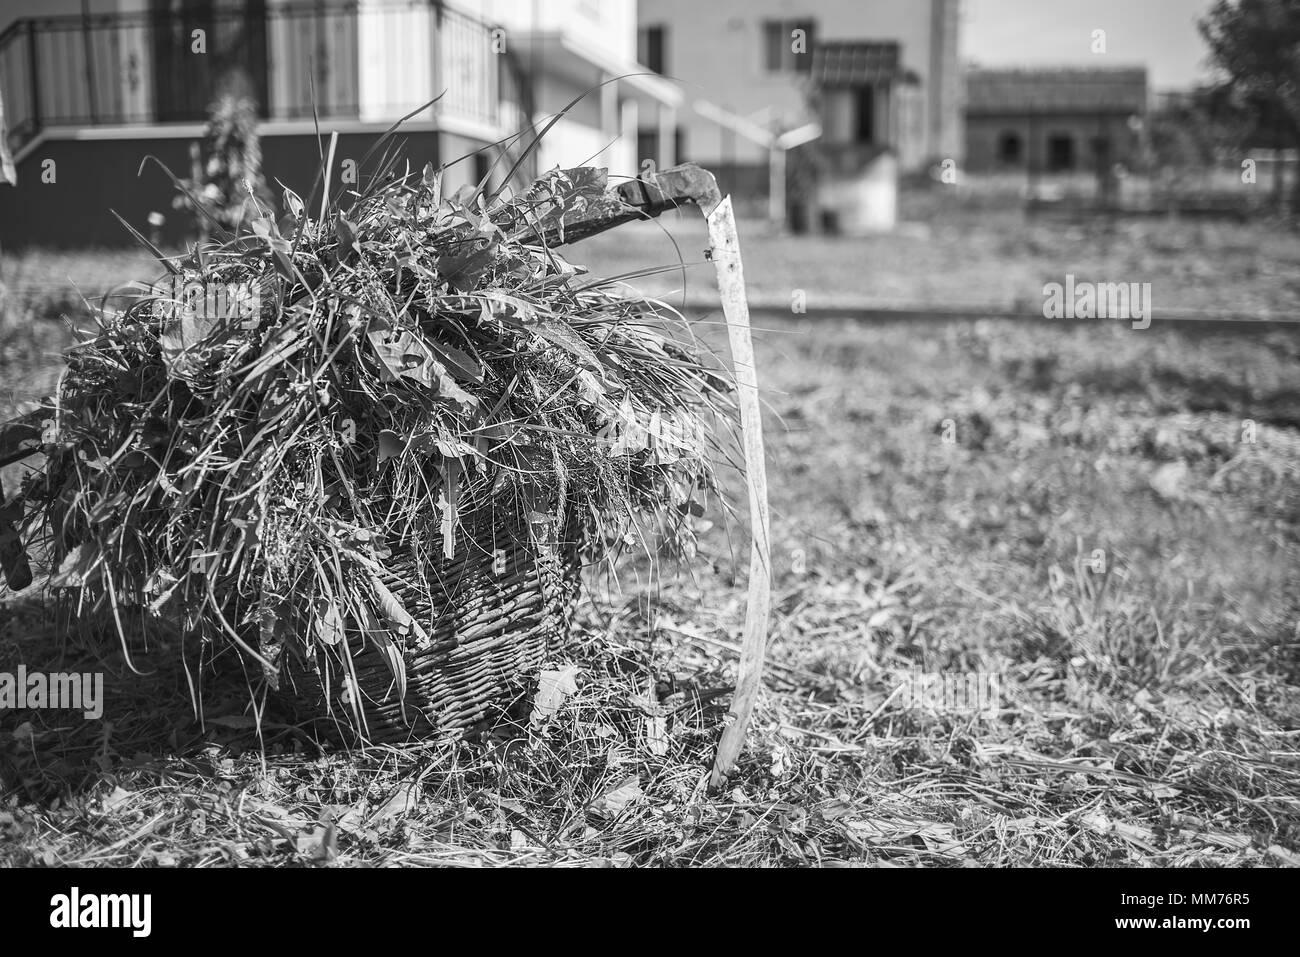 L'herbe fraîche dans un panier et dépassées d'outils à main - Faux, effet monochrome, effet monochrome Photo Stock